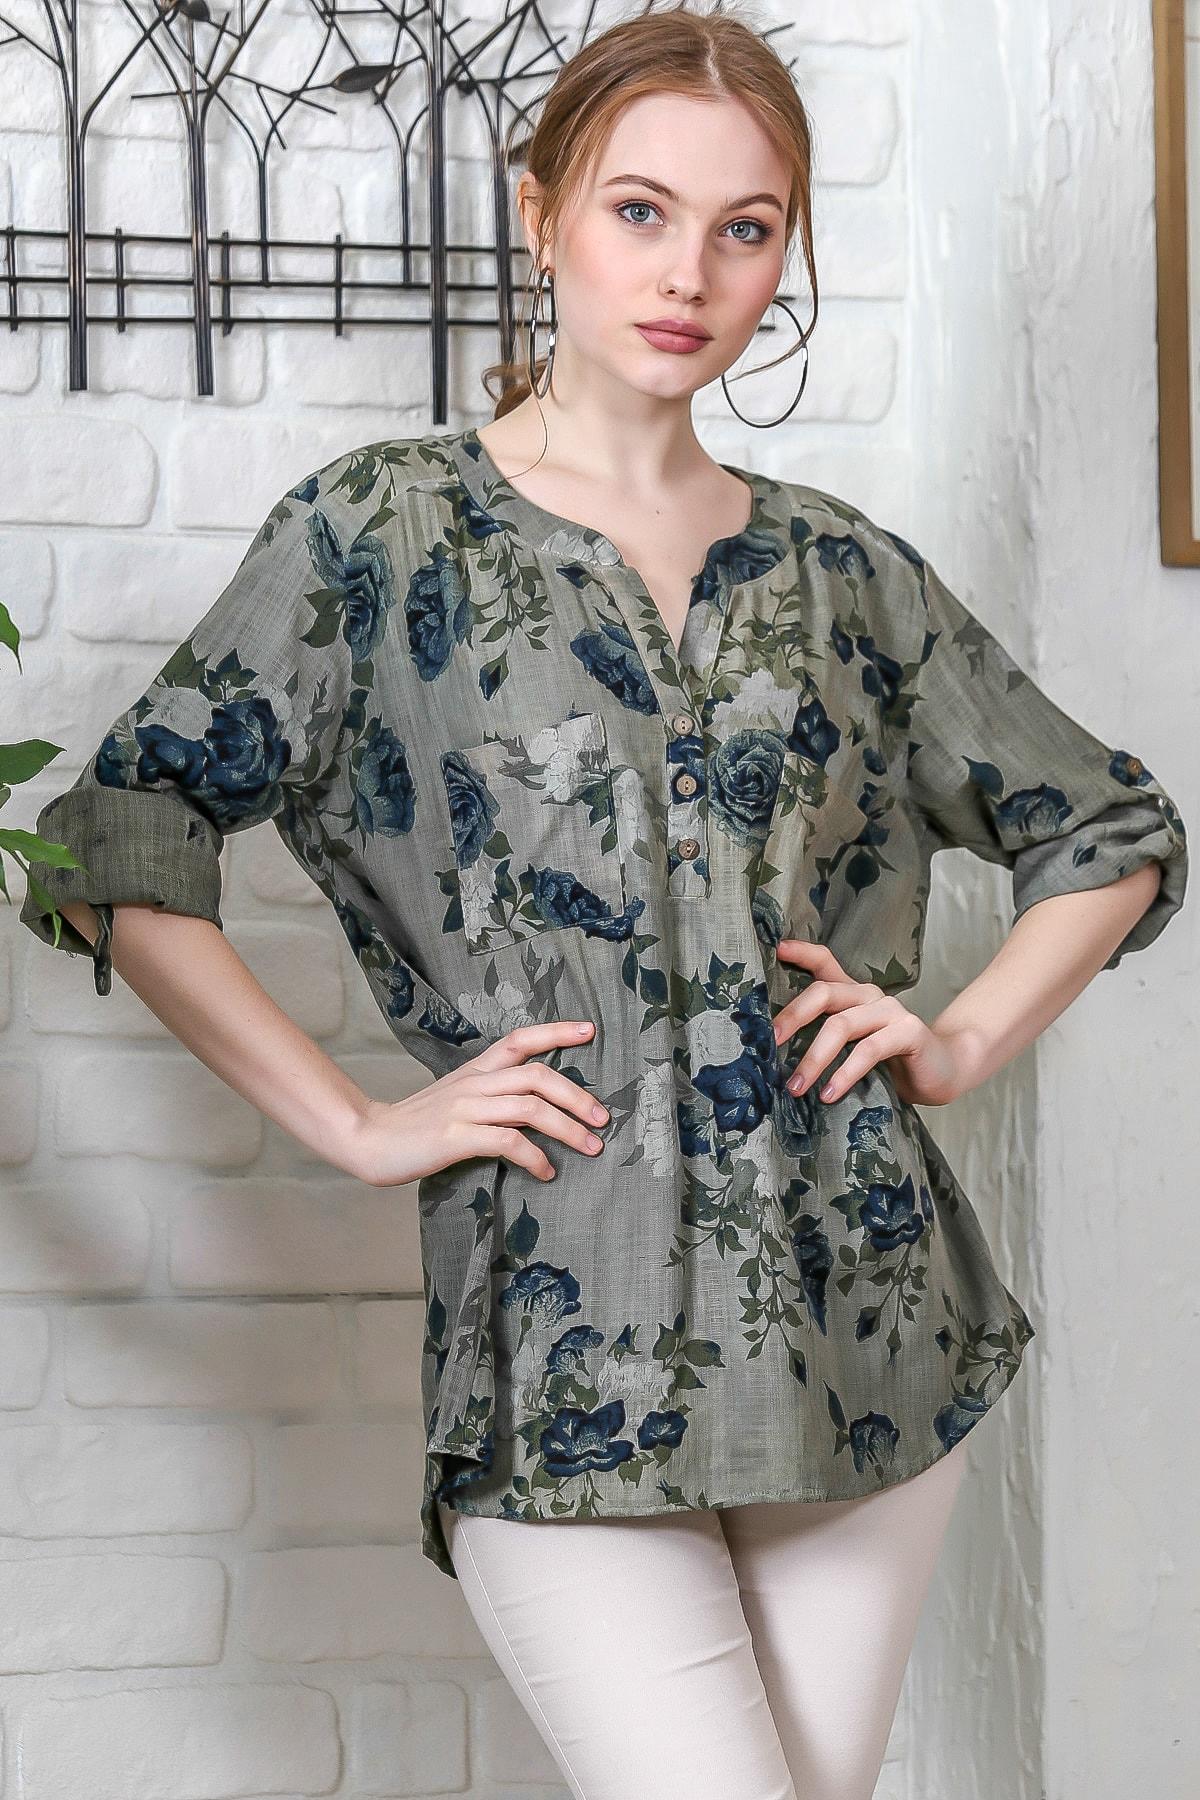 Chiccy Kadın Haki Sıfır Yaka Patı Düğme Detaylı Çiçek Desenli Salaş Gömlek M10010200BL95486 0